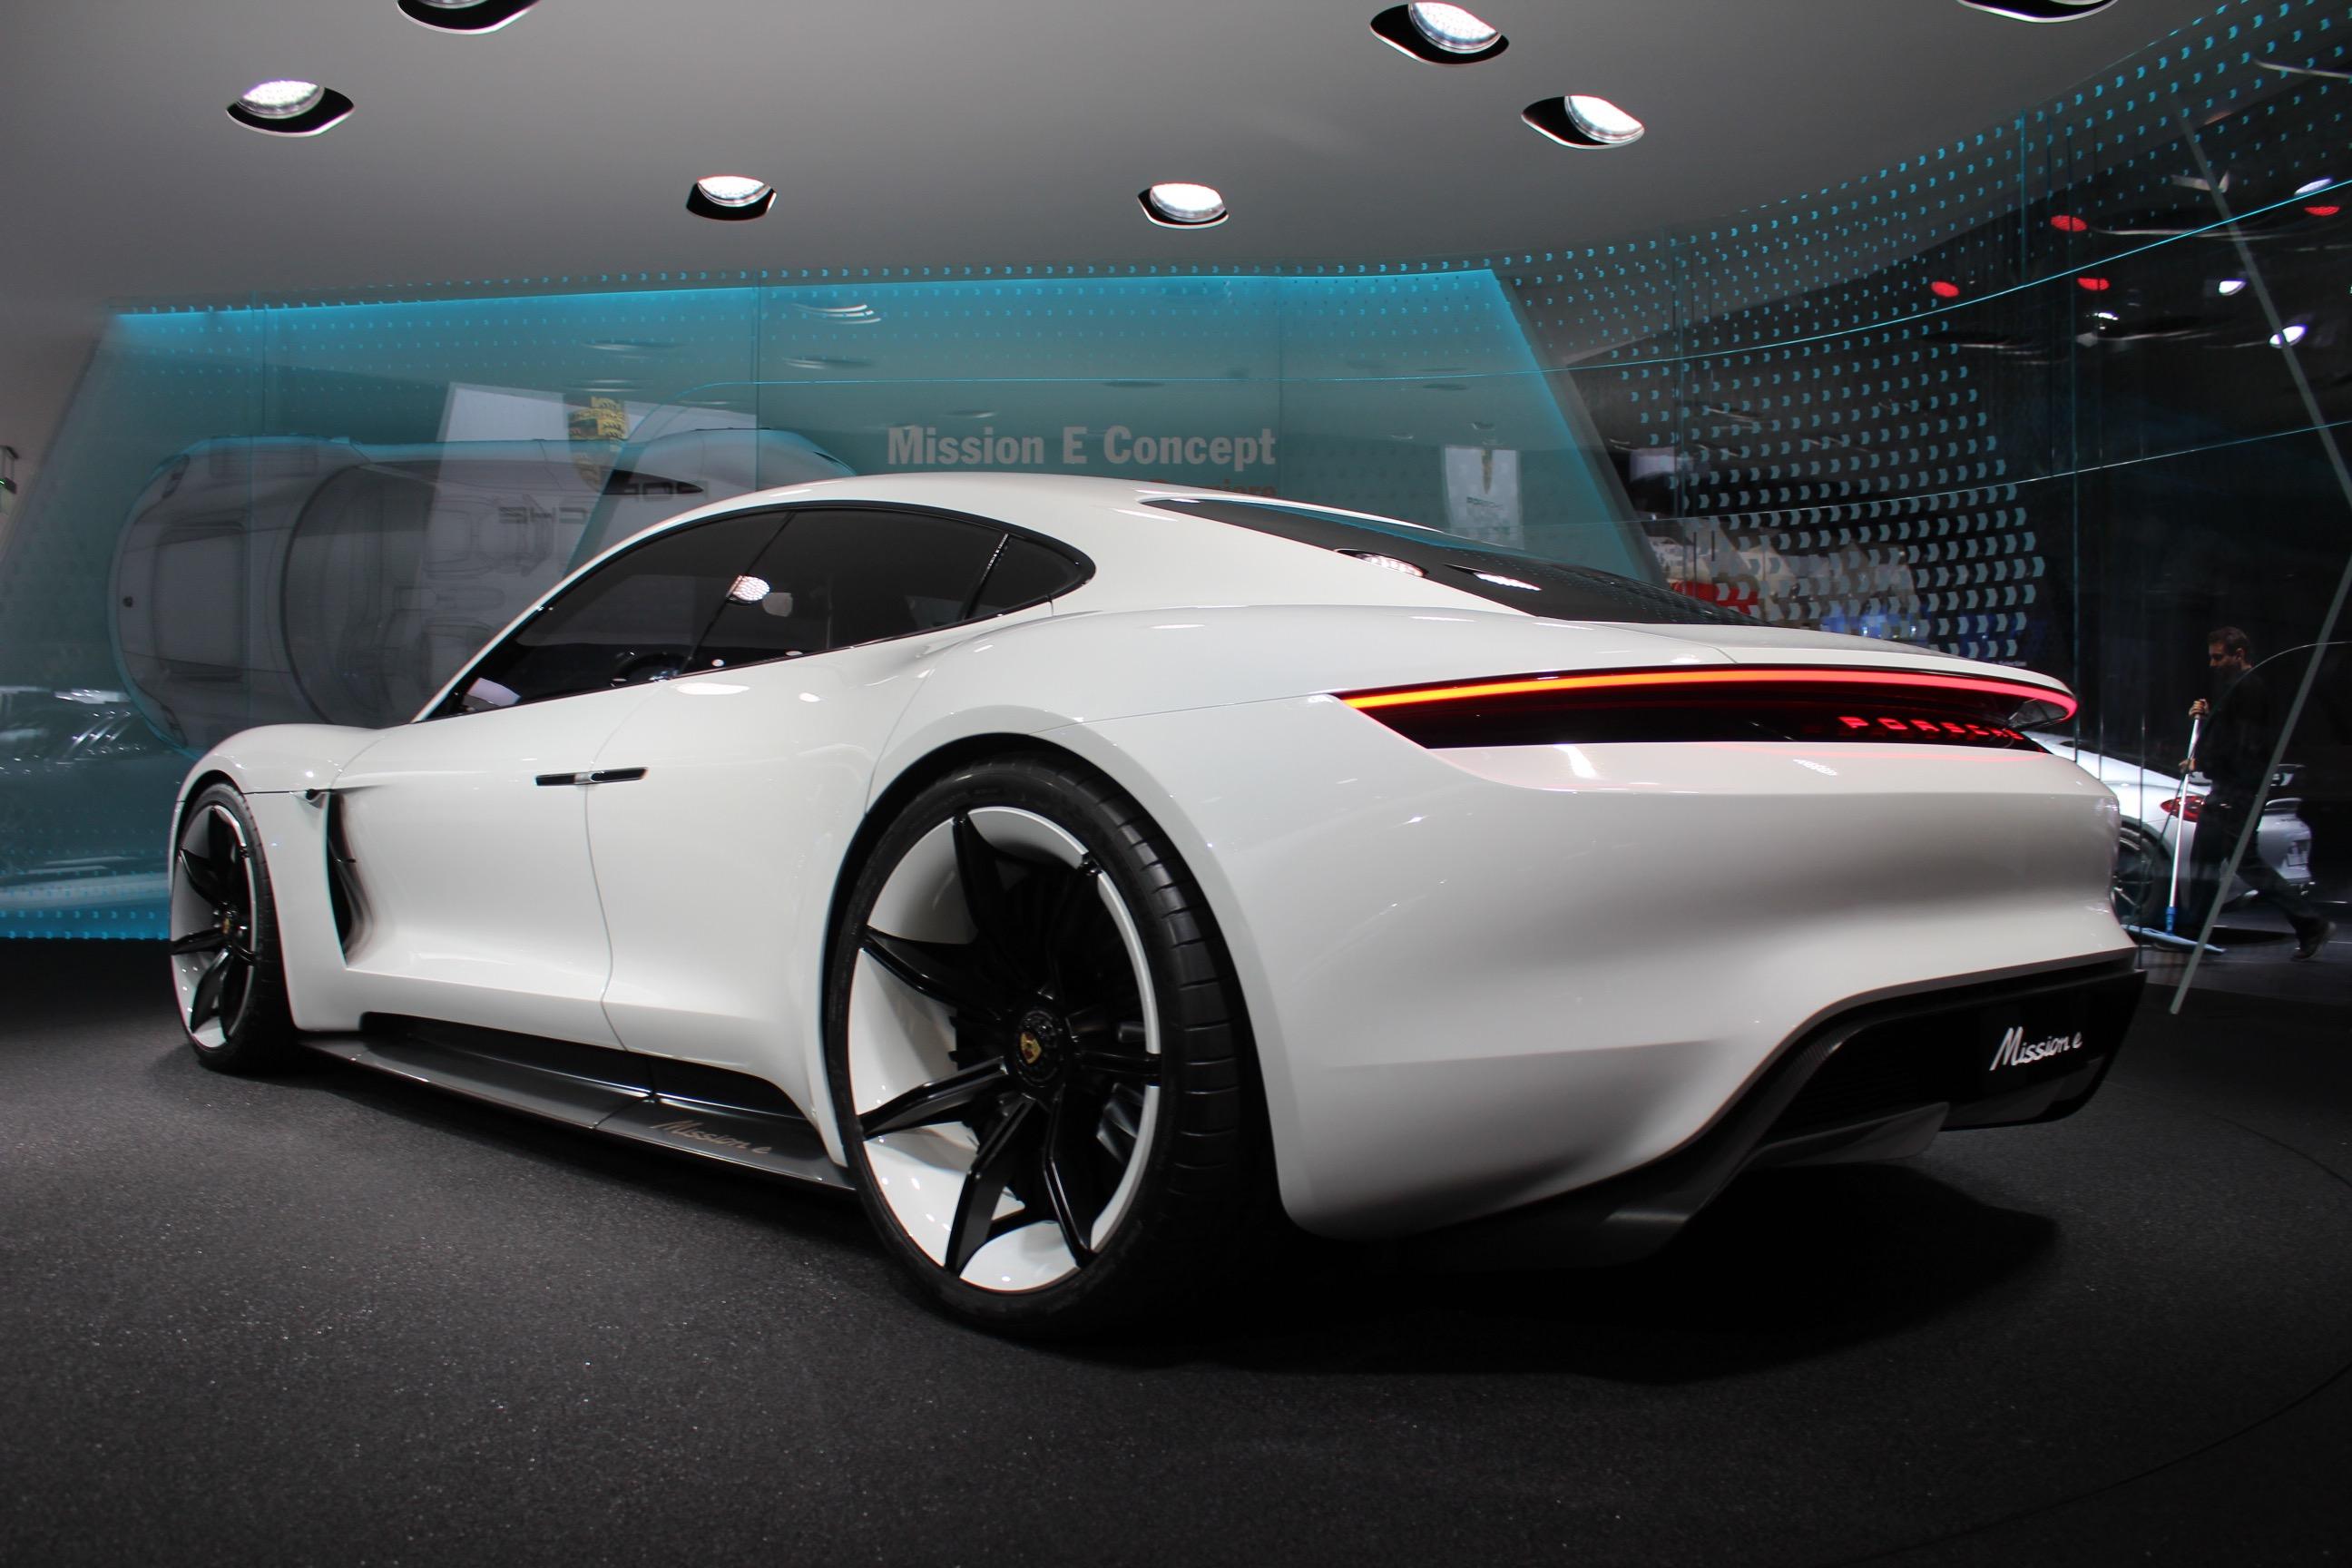 Porsche Amp Audi Electric Concepts LAPD Tesla VW Diesel